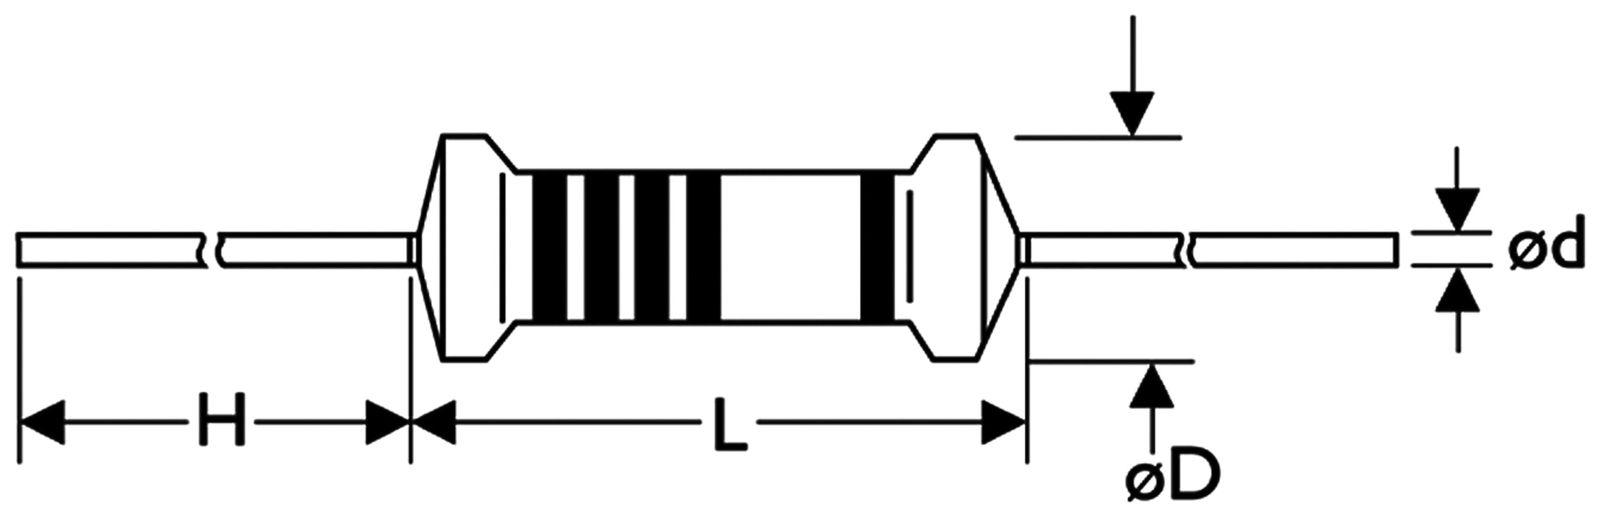 Metallschicht-Widerstand 110 kOhm 1% 0,6W Bauform 0207 gegurtet Elektronische Bauelemente